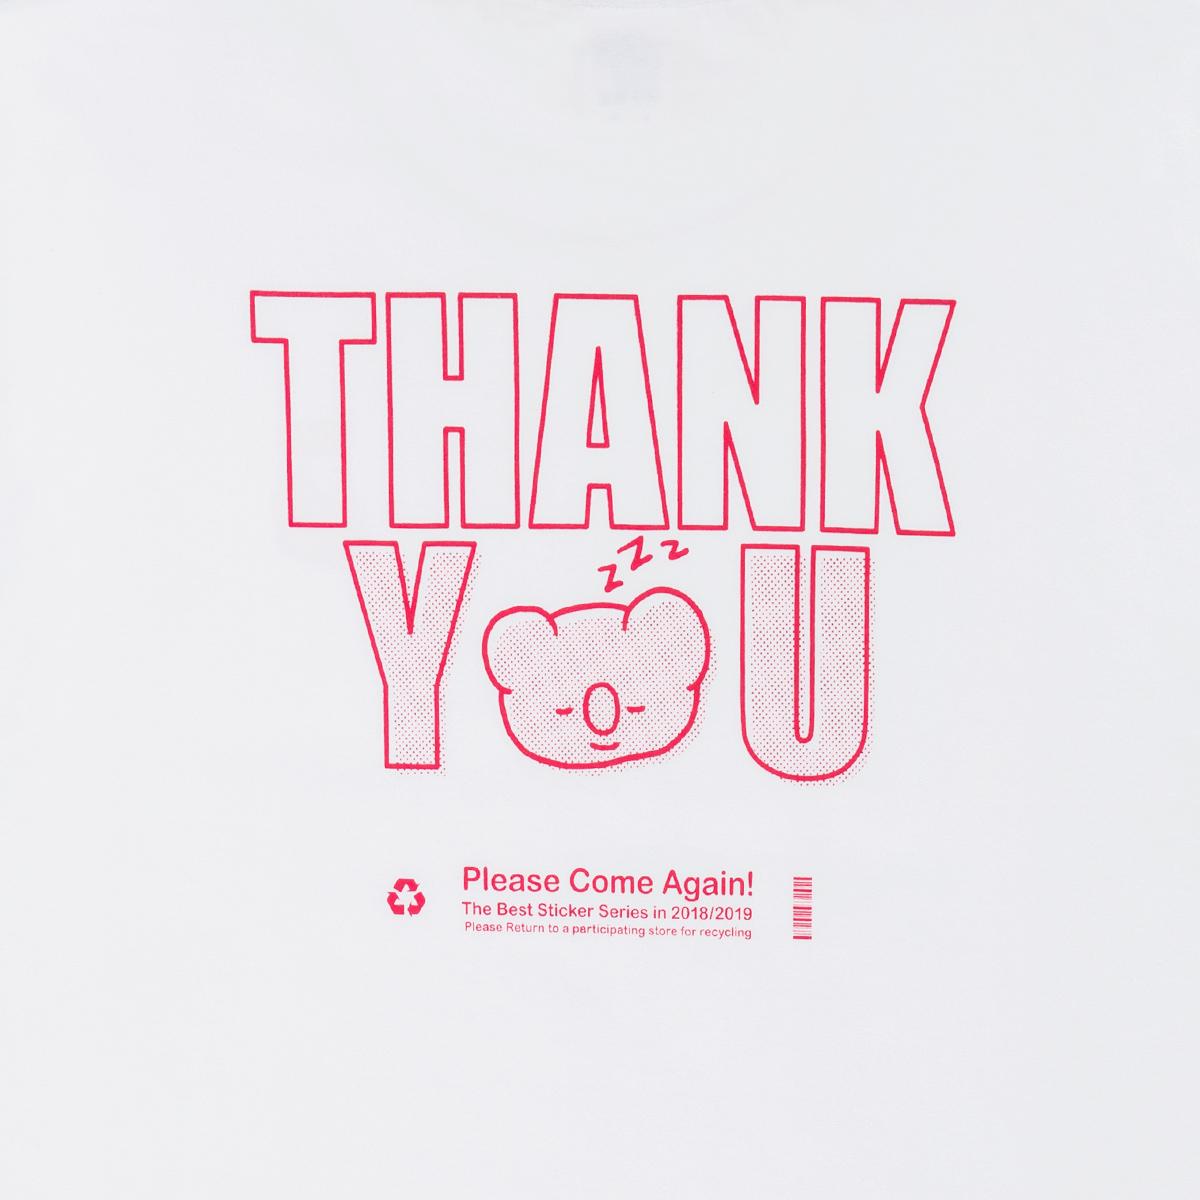 [스티커 컬렉션] BT21 KOYA 땡큐 반팔 티셔츠